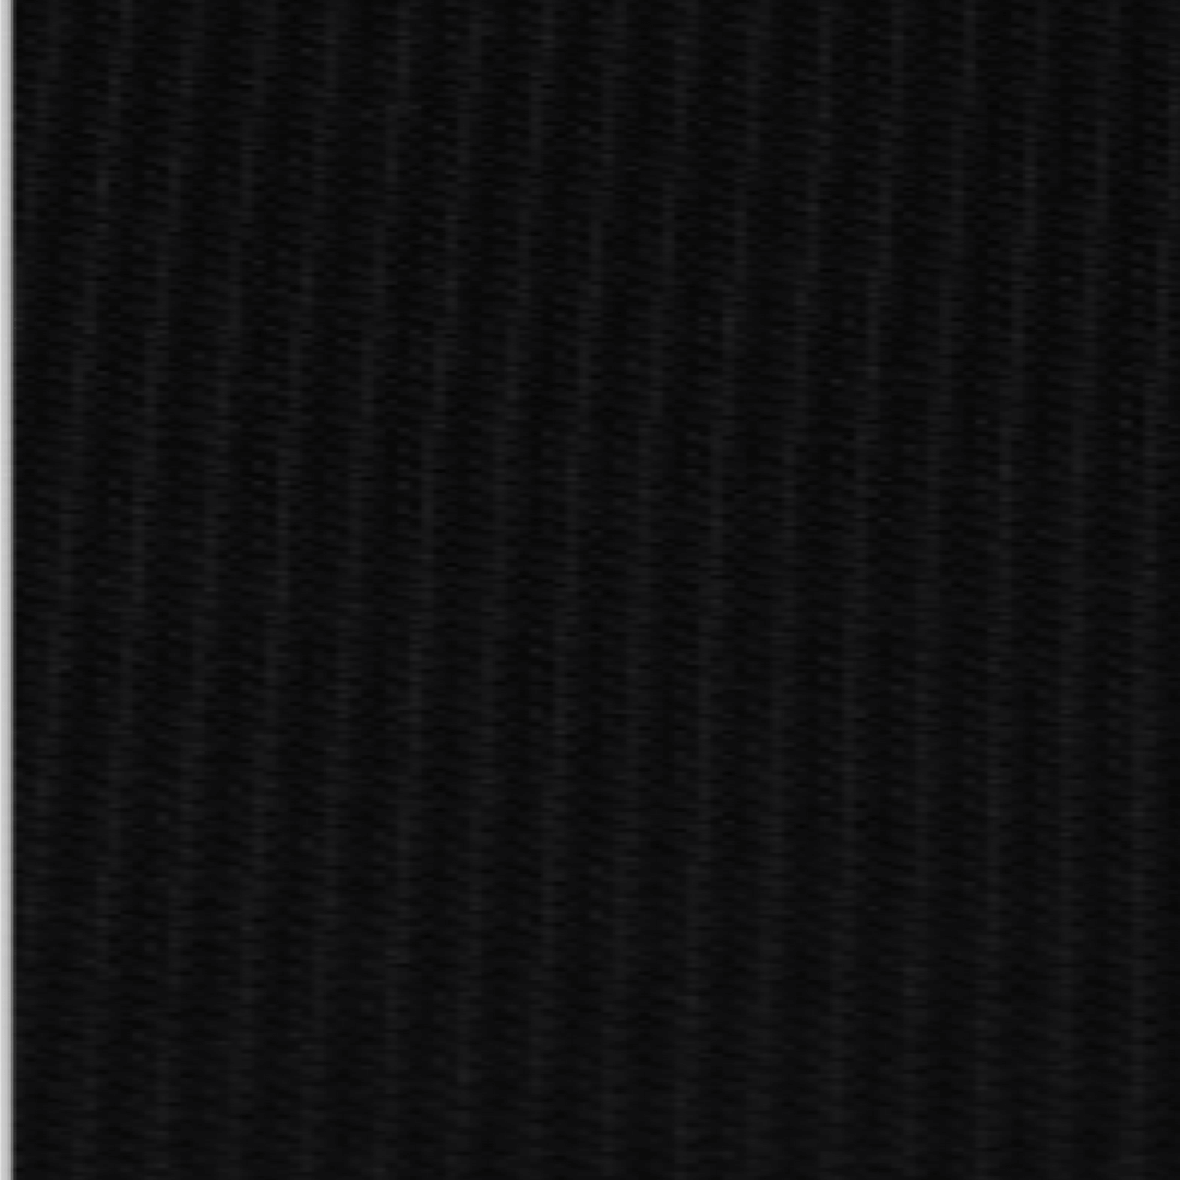 ホップ5 BK ファブ カイテンチェア1